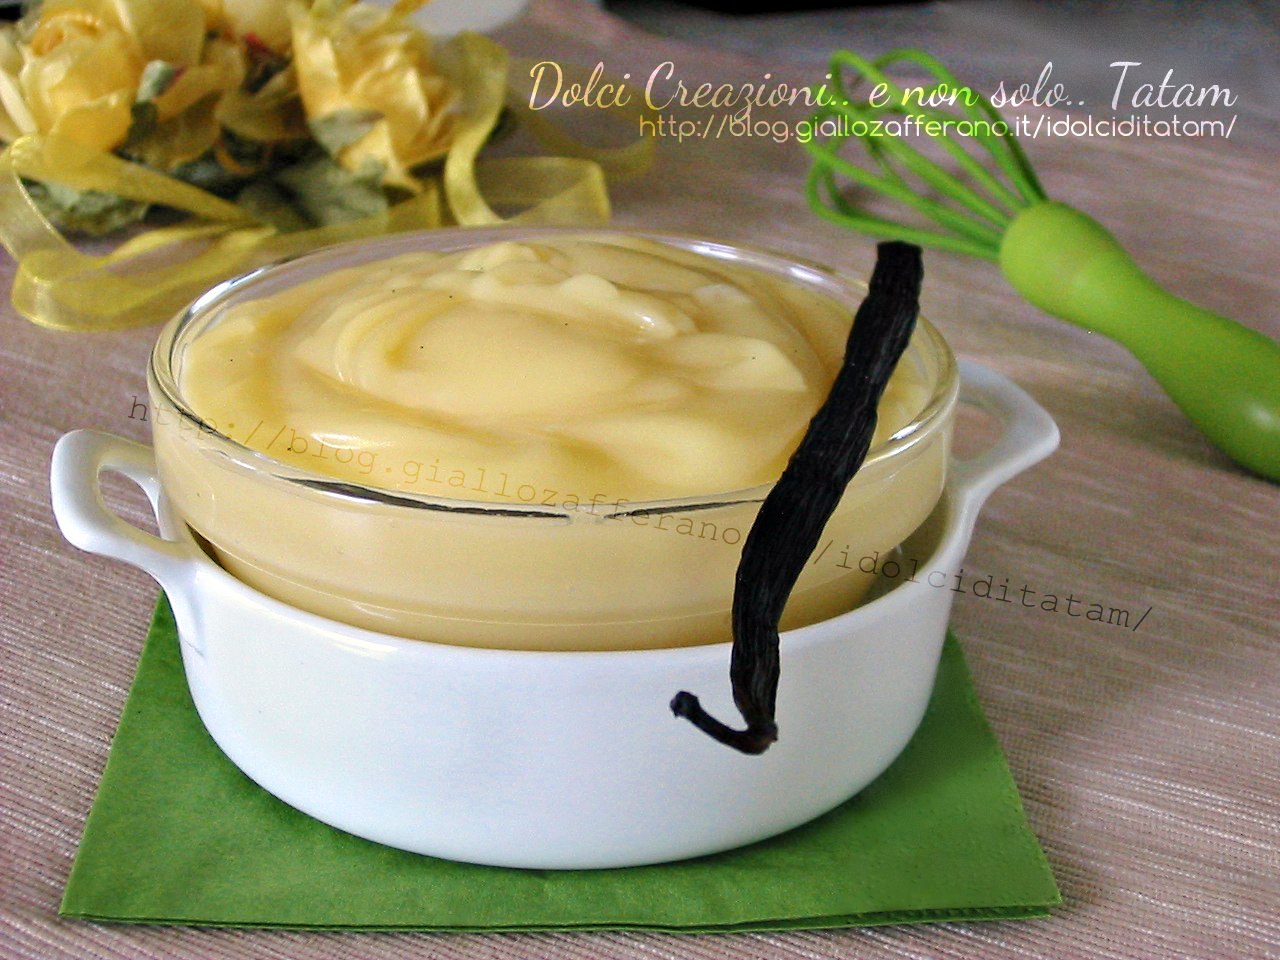 Ricetta Crema Pasticcera Giallo Zafferano Senza Amido.Crema Pasticcera Senza Glutine E Senza Latte Gluten Free Dairy Free